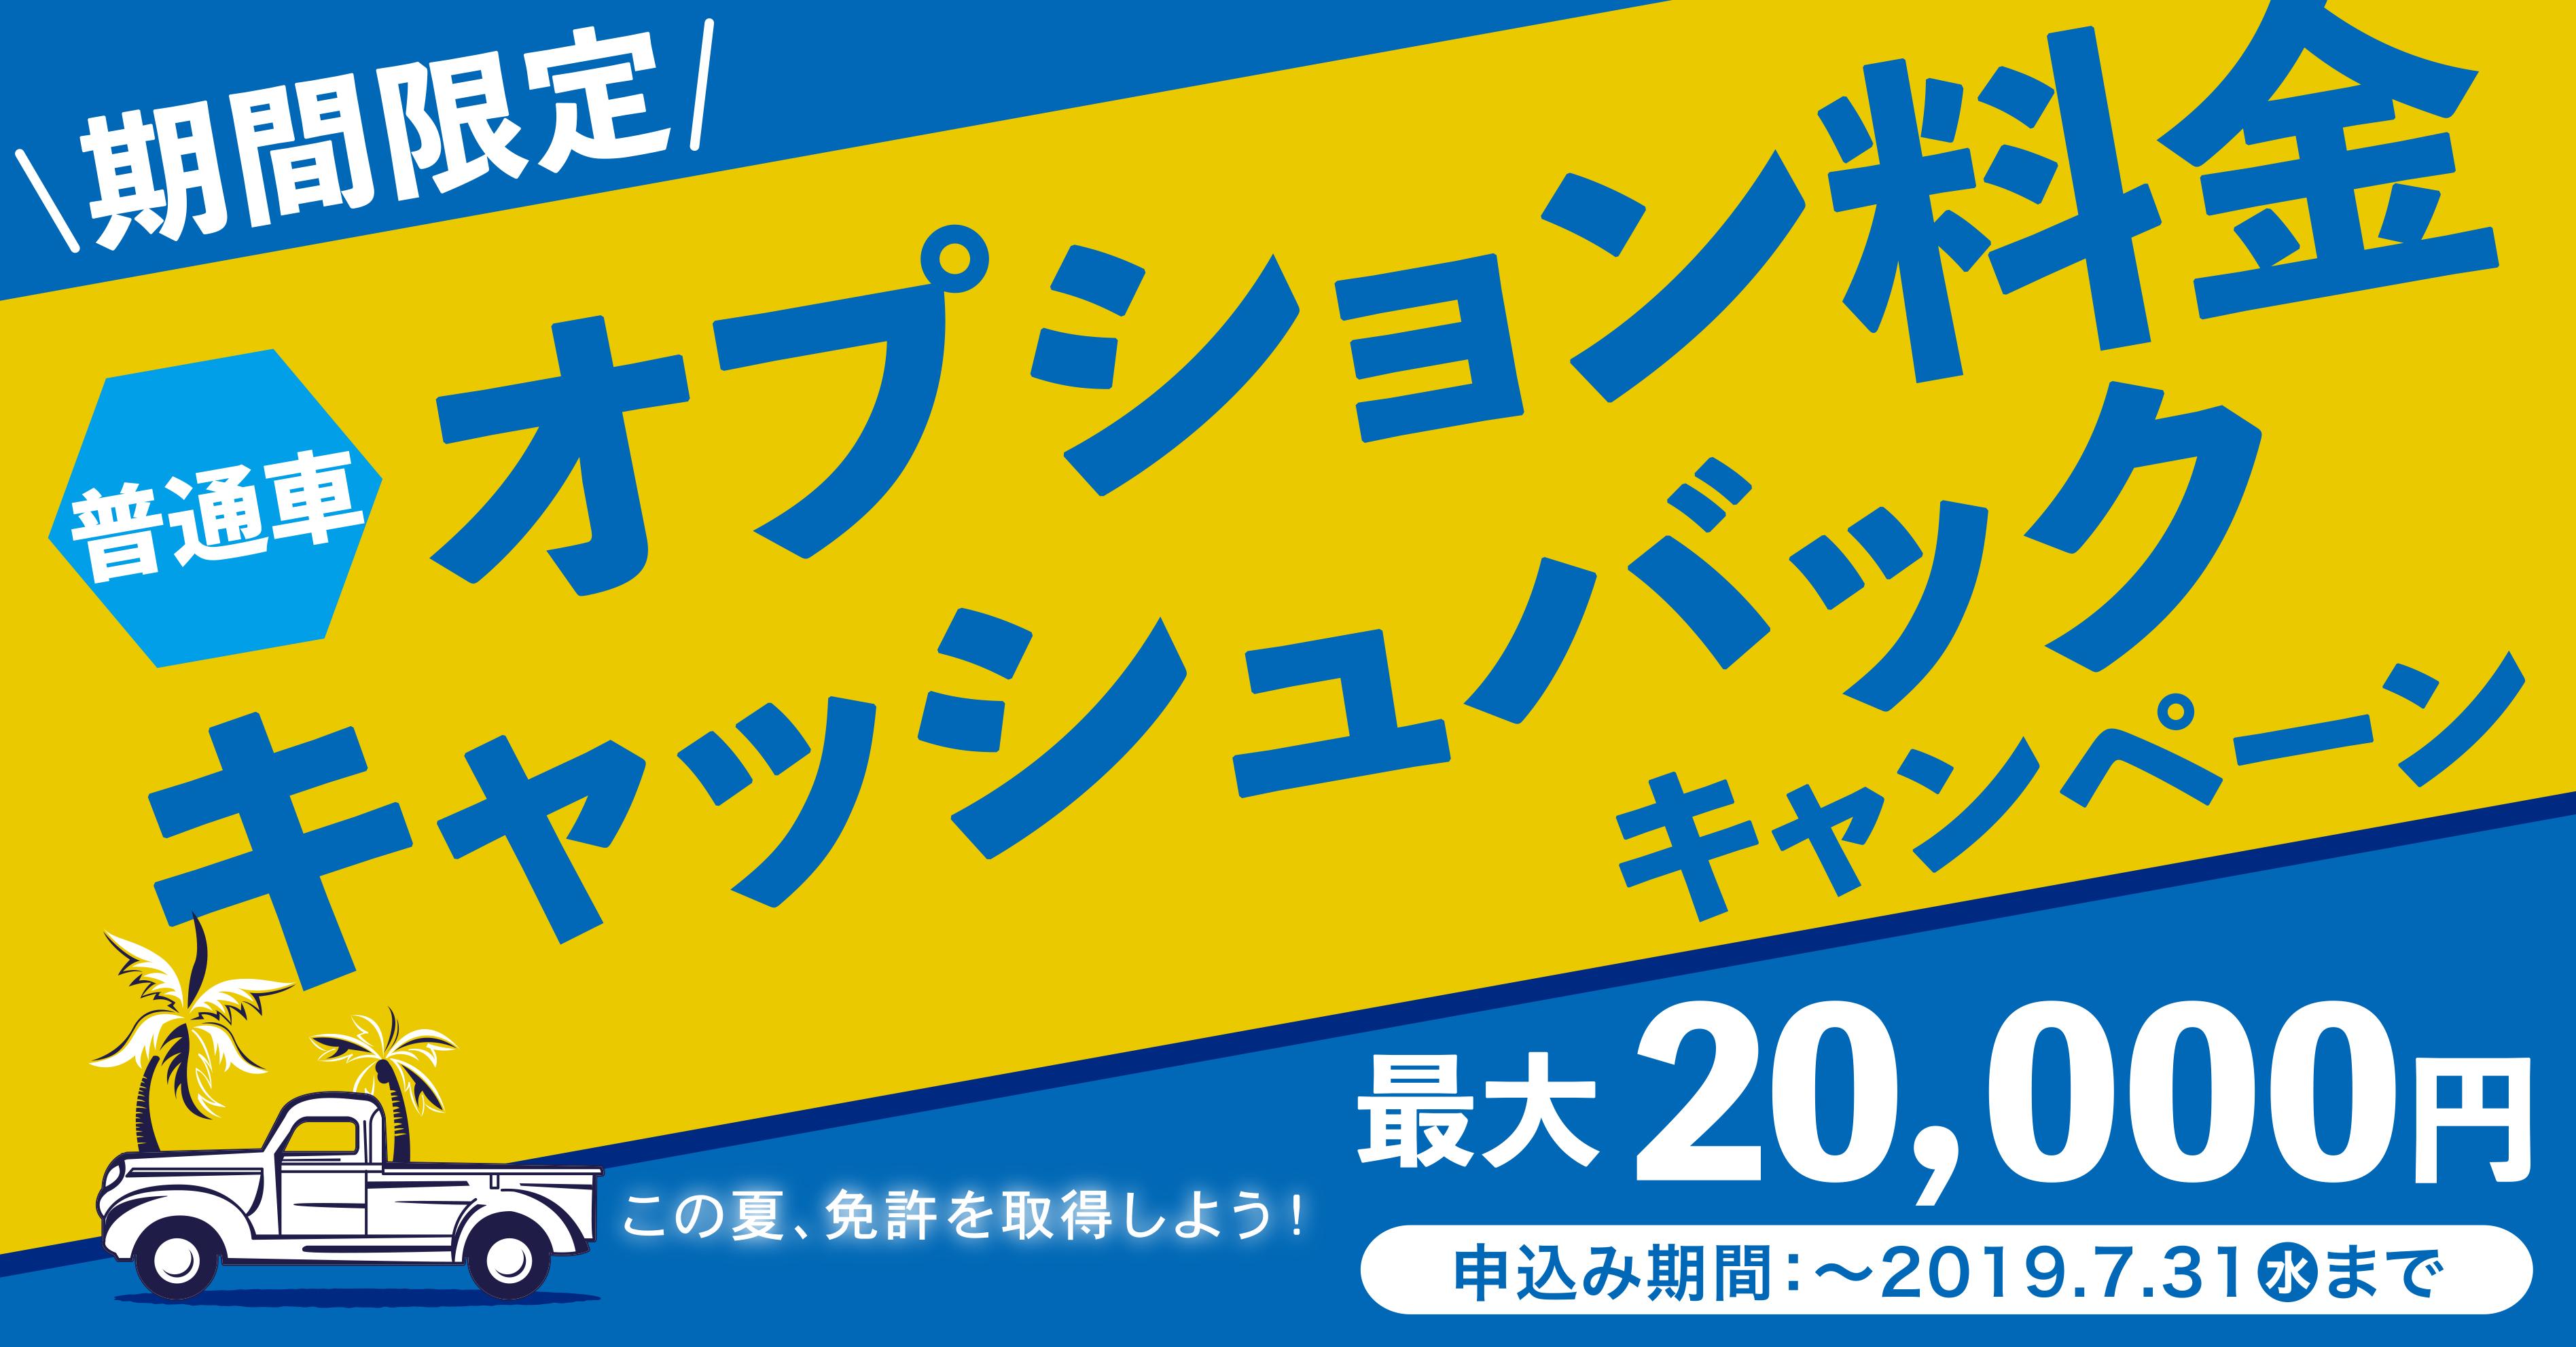 <四輪>普通車オプション料金キャッシュバックキャンペーン